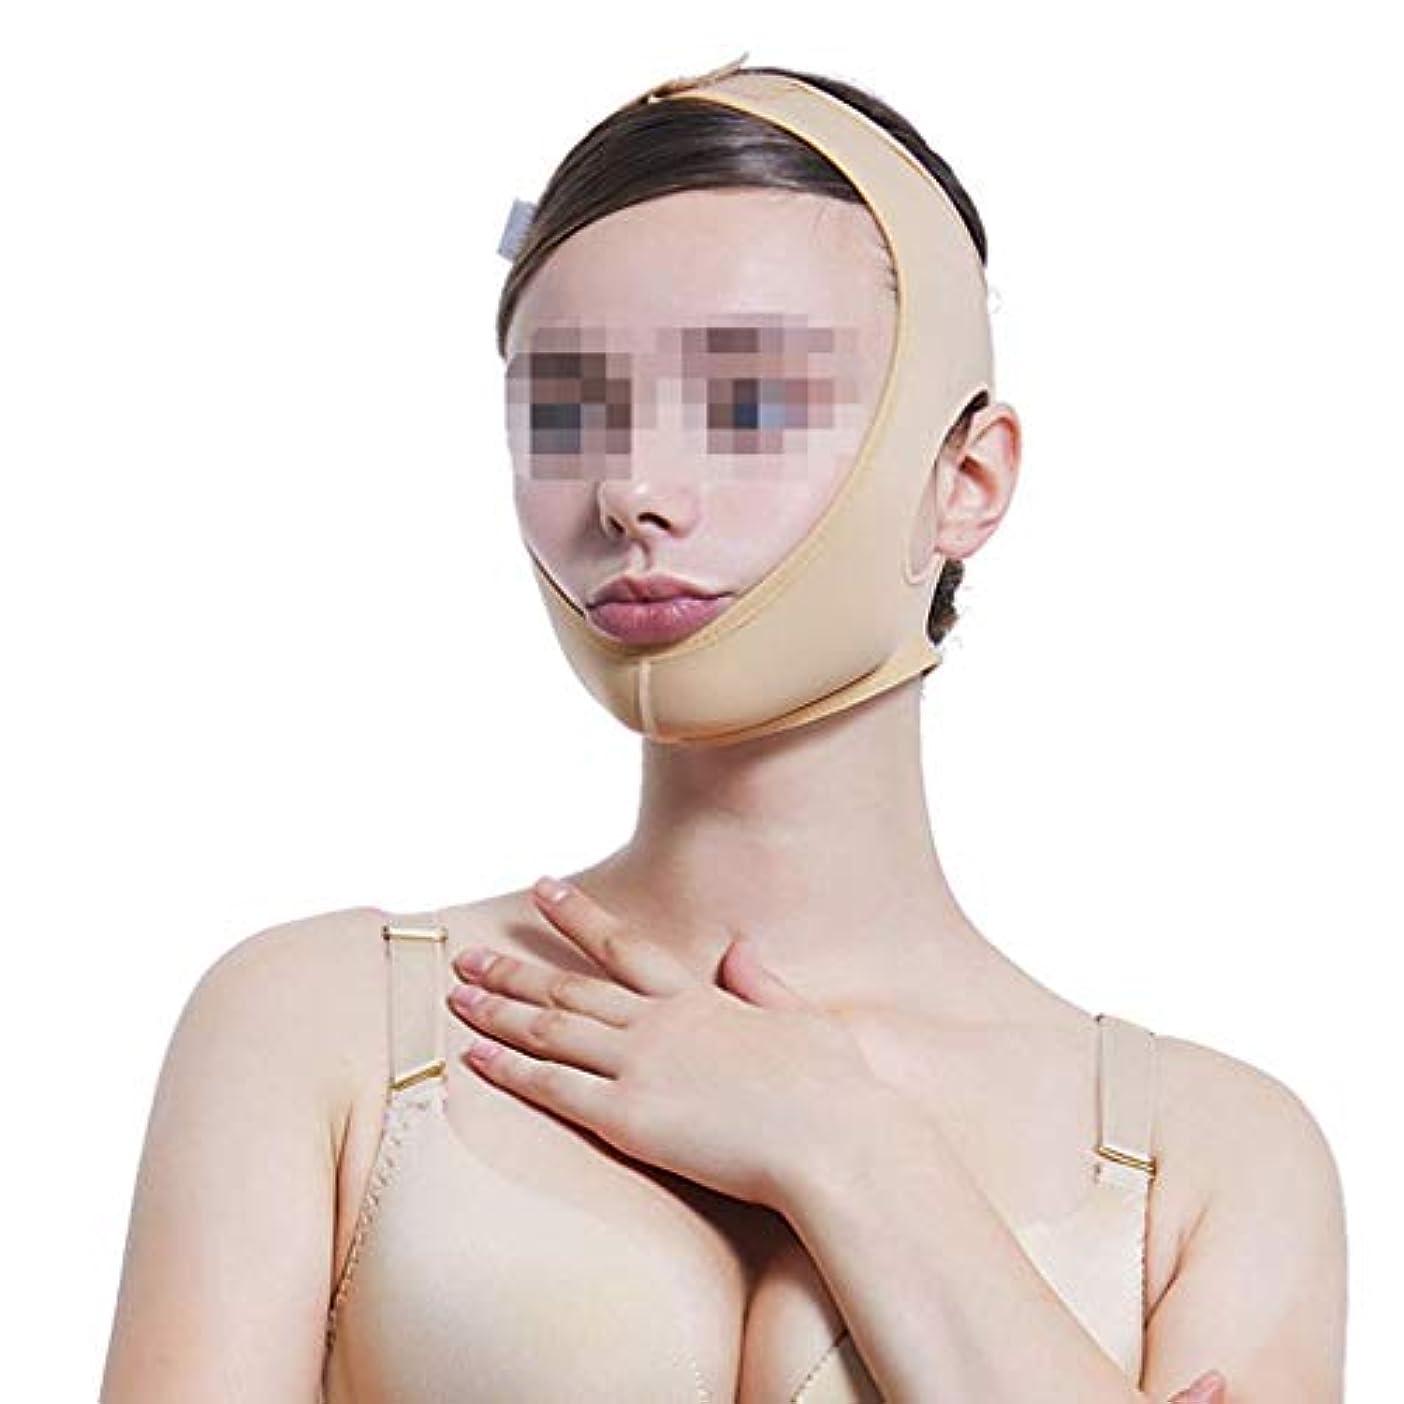 ビームフェイス弾性ヘッドギア、ダブルあごのあごのセットをマスクの後に線彫り薄いフェイス包帯マルチサイズオプション(サイズ:XS),XL